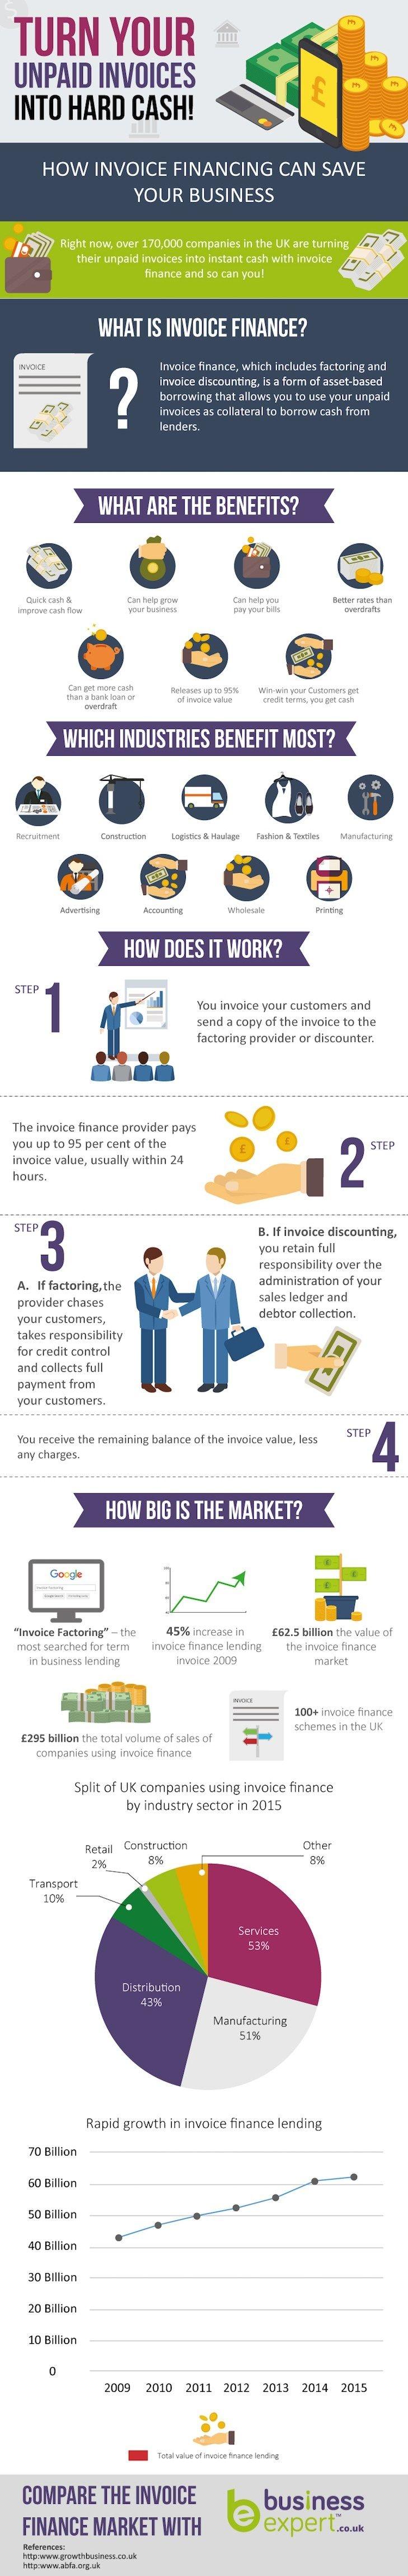 die 25 besten ideen zu bank loans auf pinterest chanel taschen clydesdale bank invoice finance